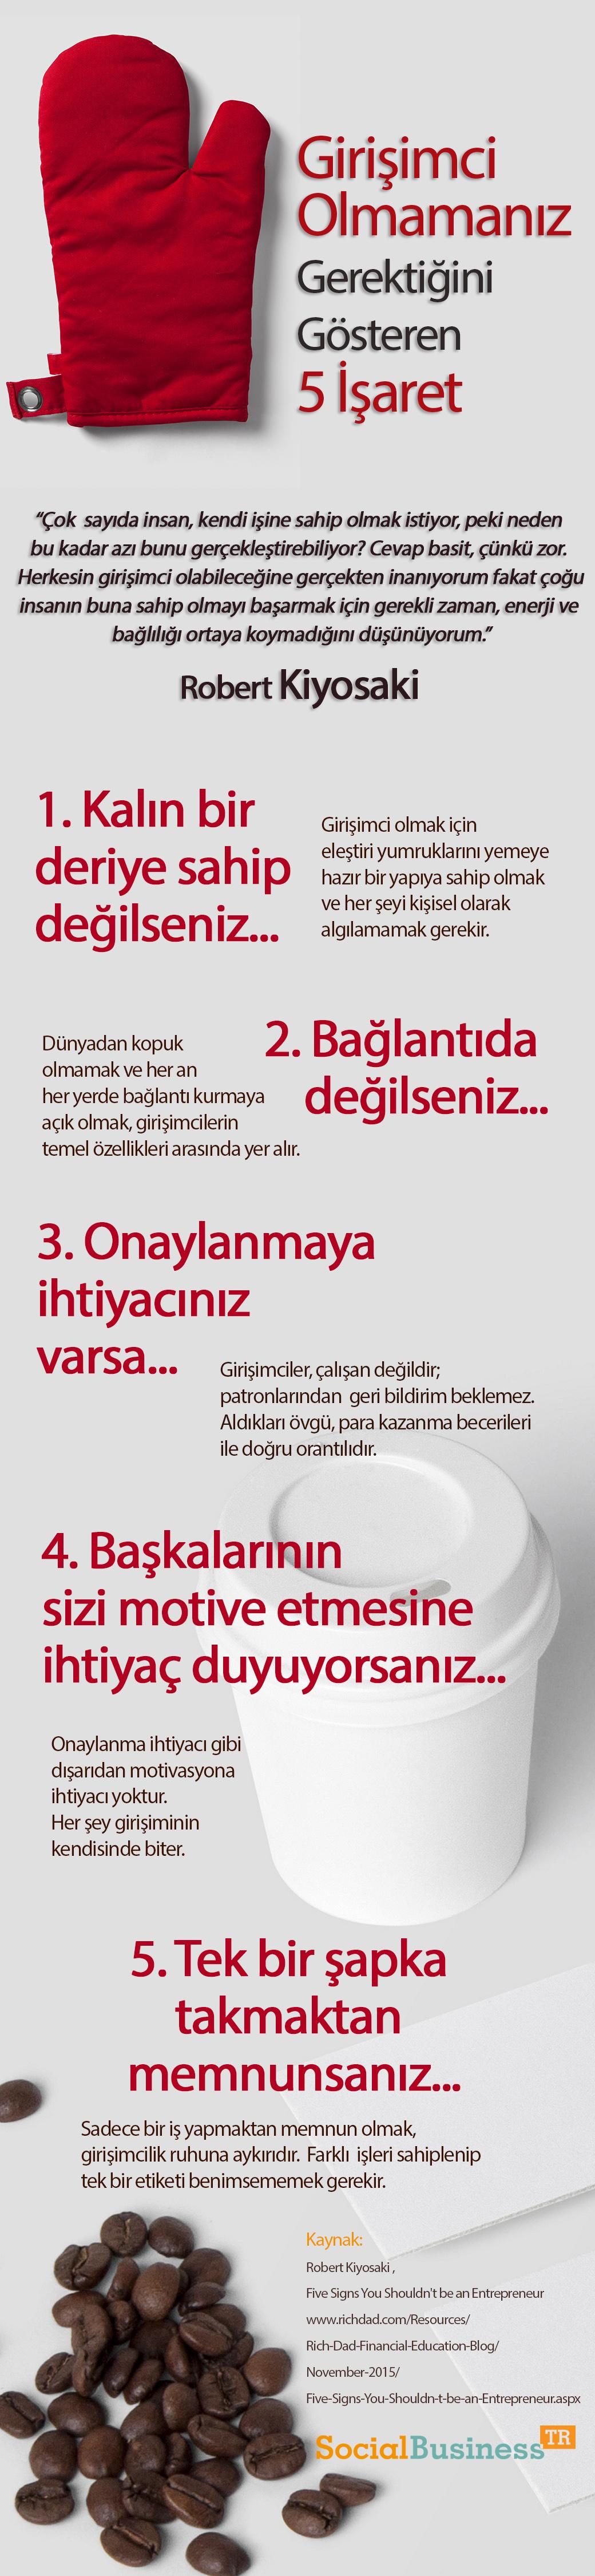 girisimci_olmamanizi_gosteren_5_isaret_infografik